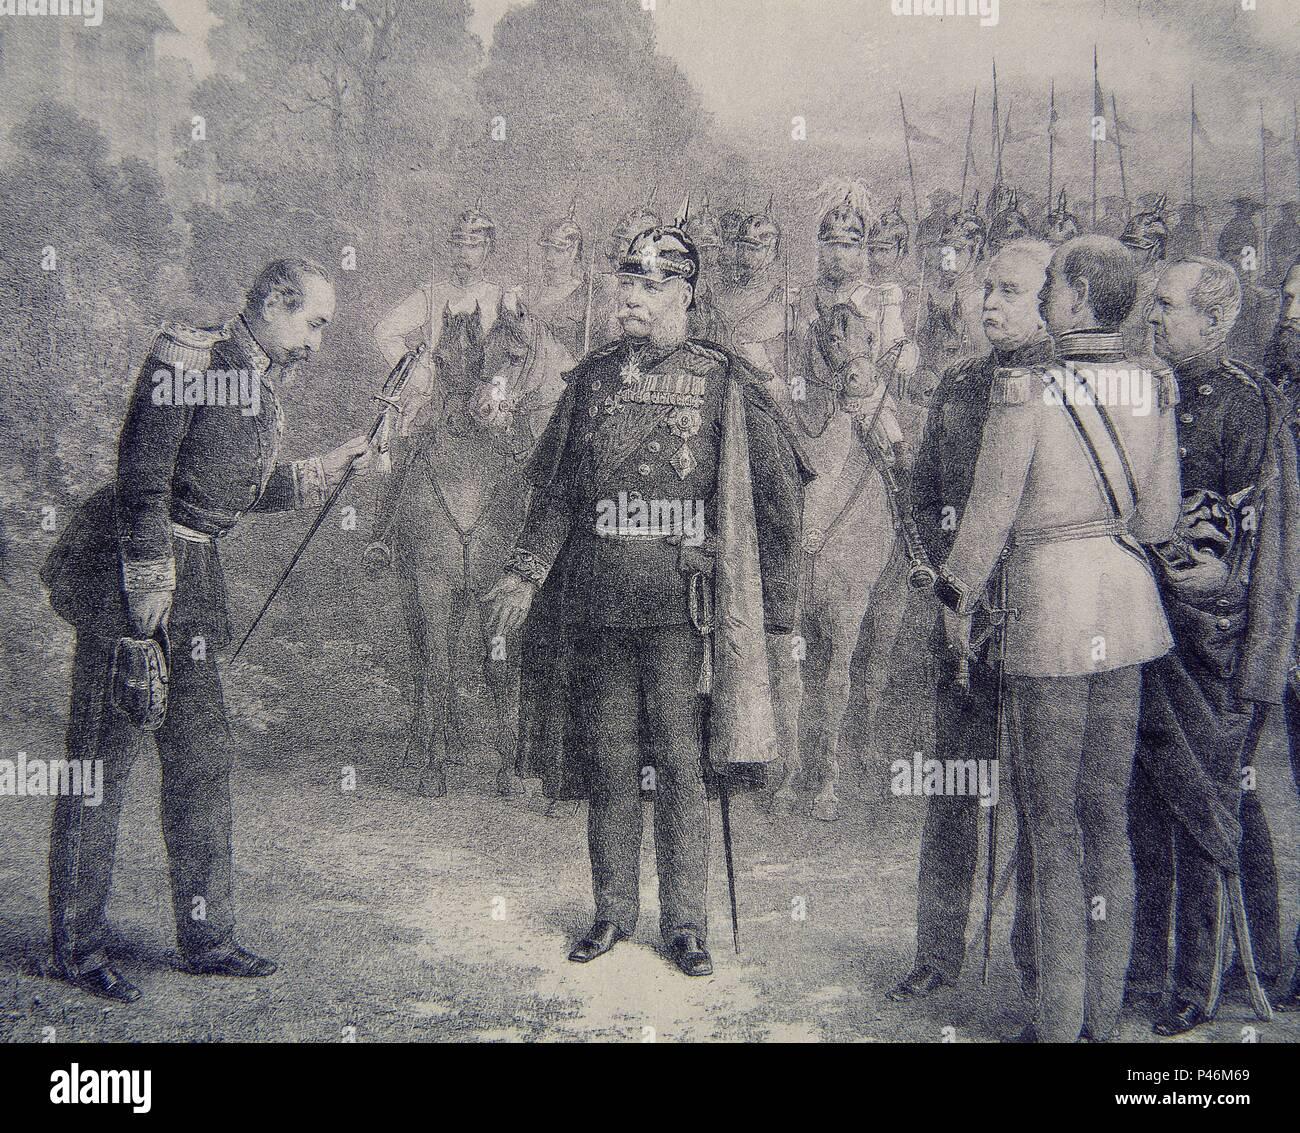 NAPOLEON III ENTREGA SU ESPADA AL REY DE PRUSIA 2/SEP/1870. - Stock Image